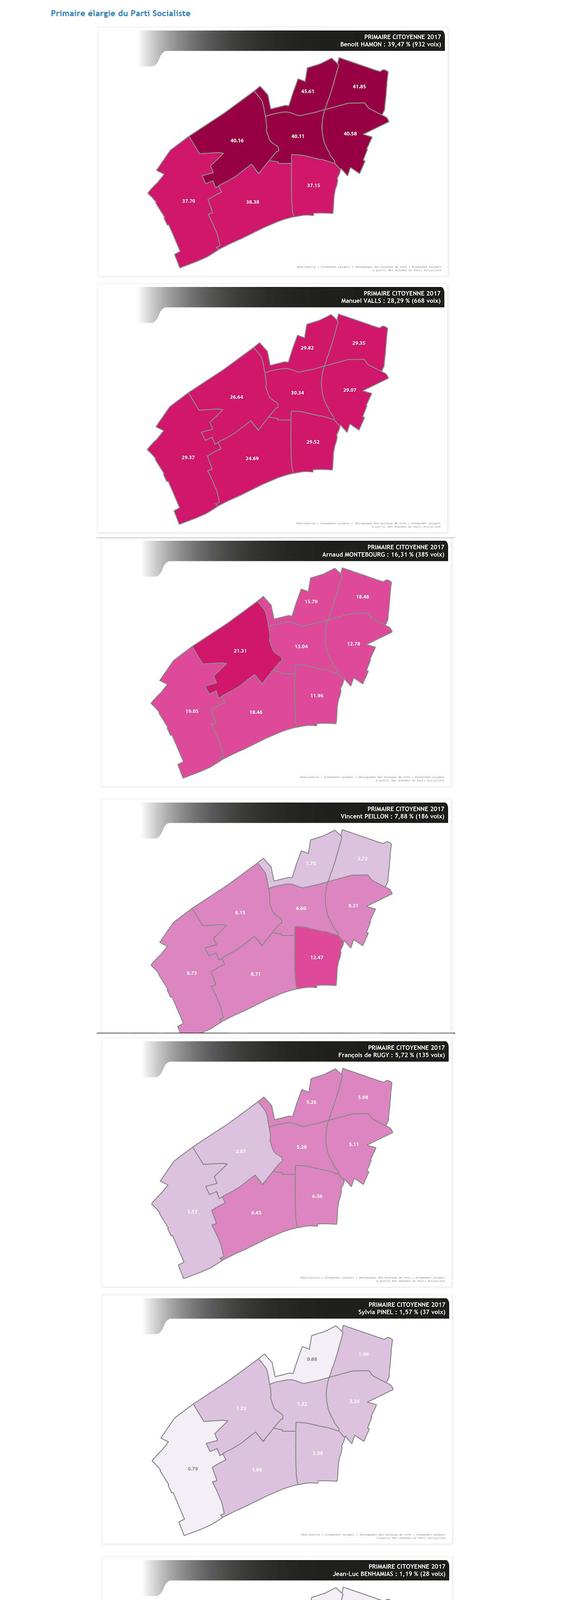 COLOMBES : découpage par bureau de vote des résultats détaillés des primaires citoyennes 2017